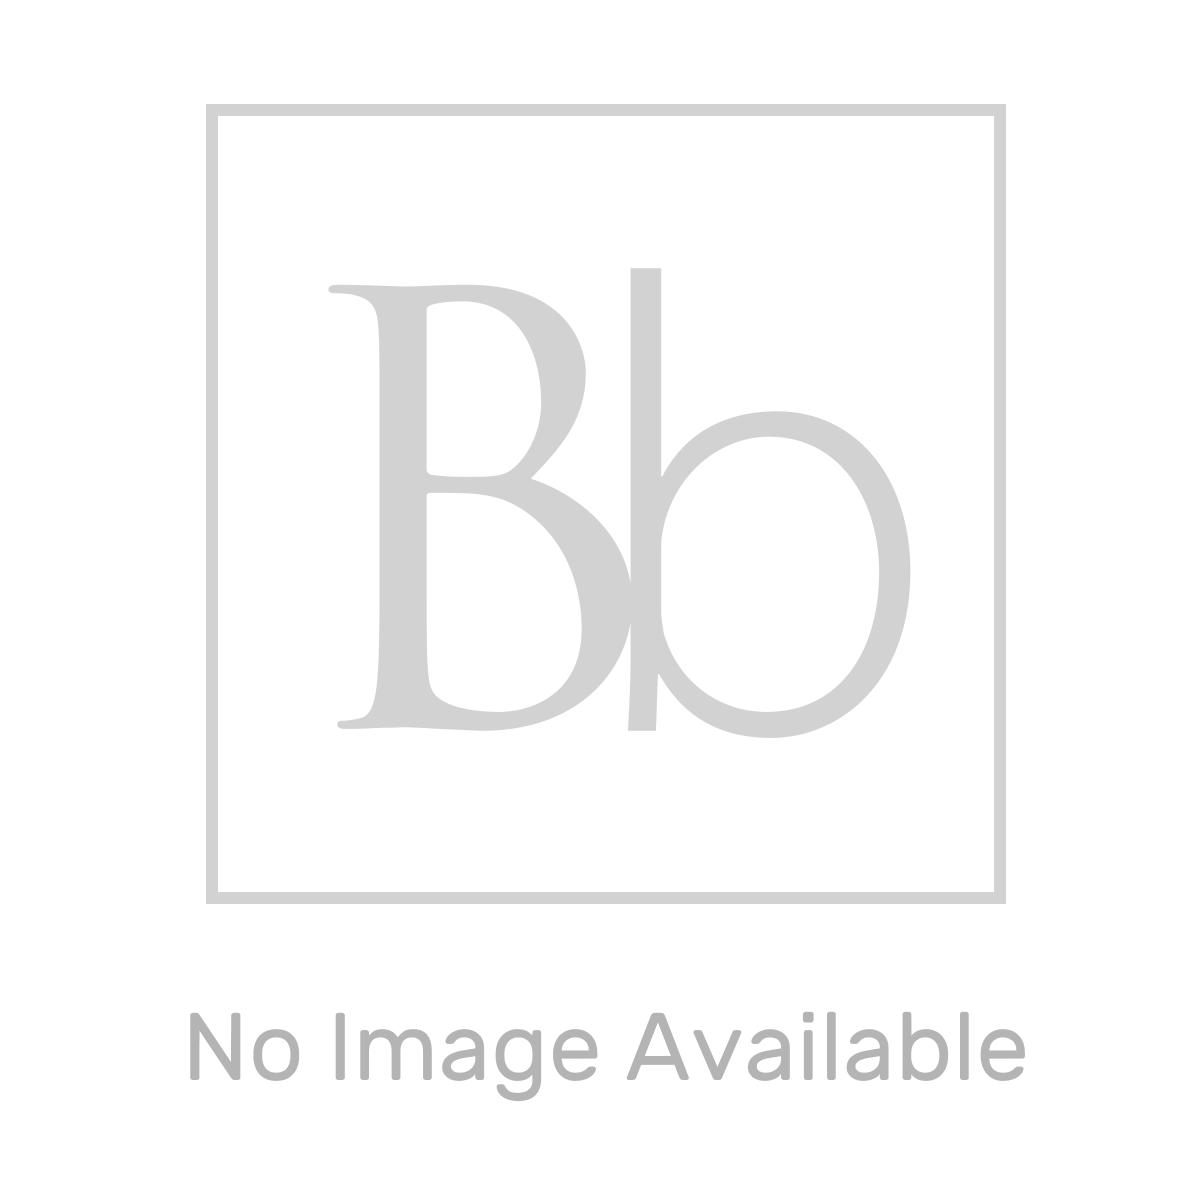 Premier Straight Square Edge Bath Screen Dimensions